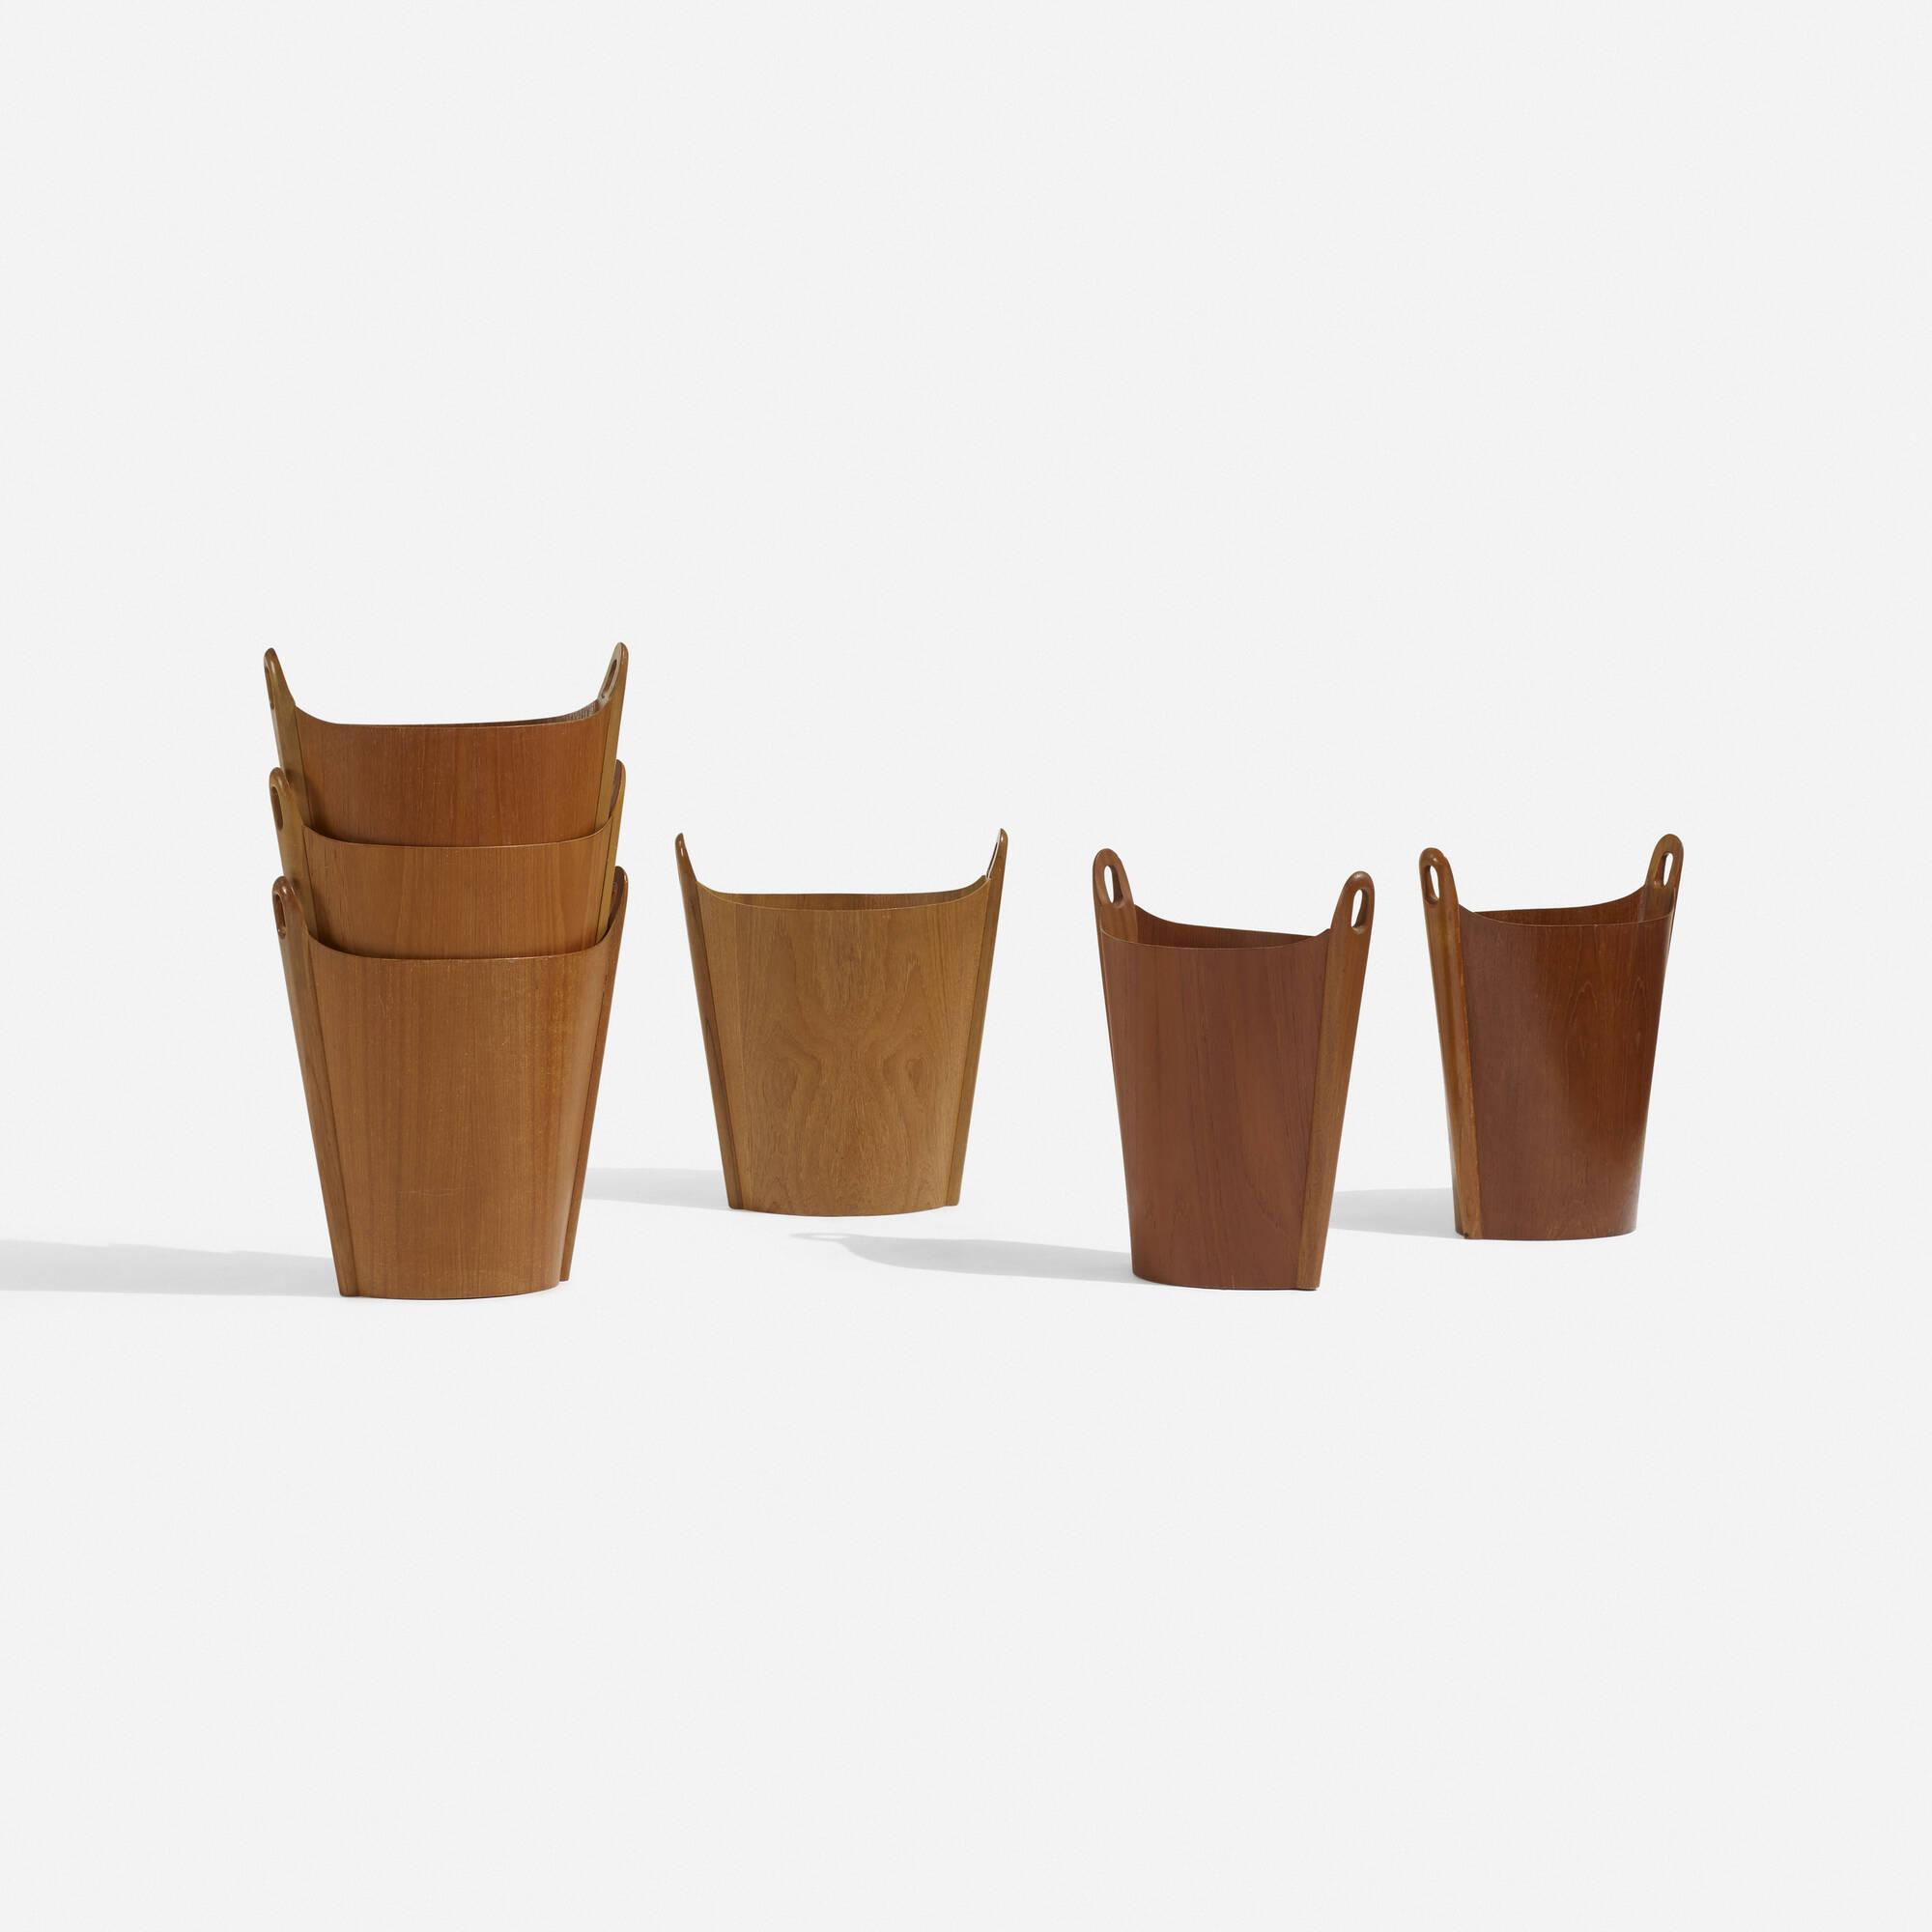 185: P.S. Heggen / wastepaper baskets, set of six (1 of 4)